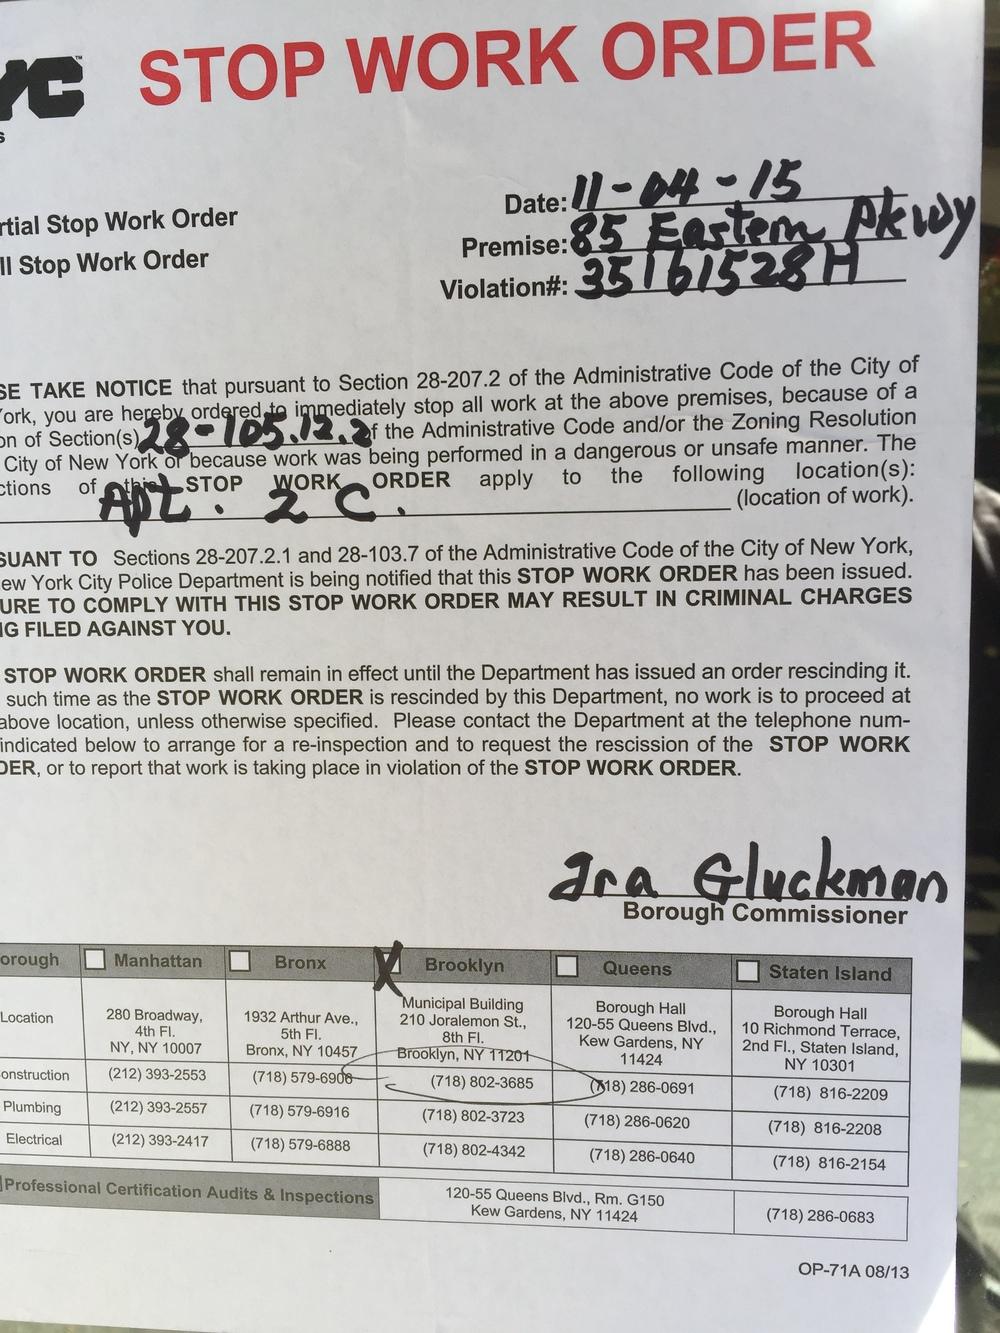 stop work order 2c 4 nov 2015.jpg